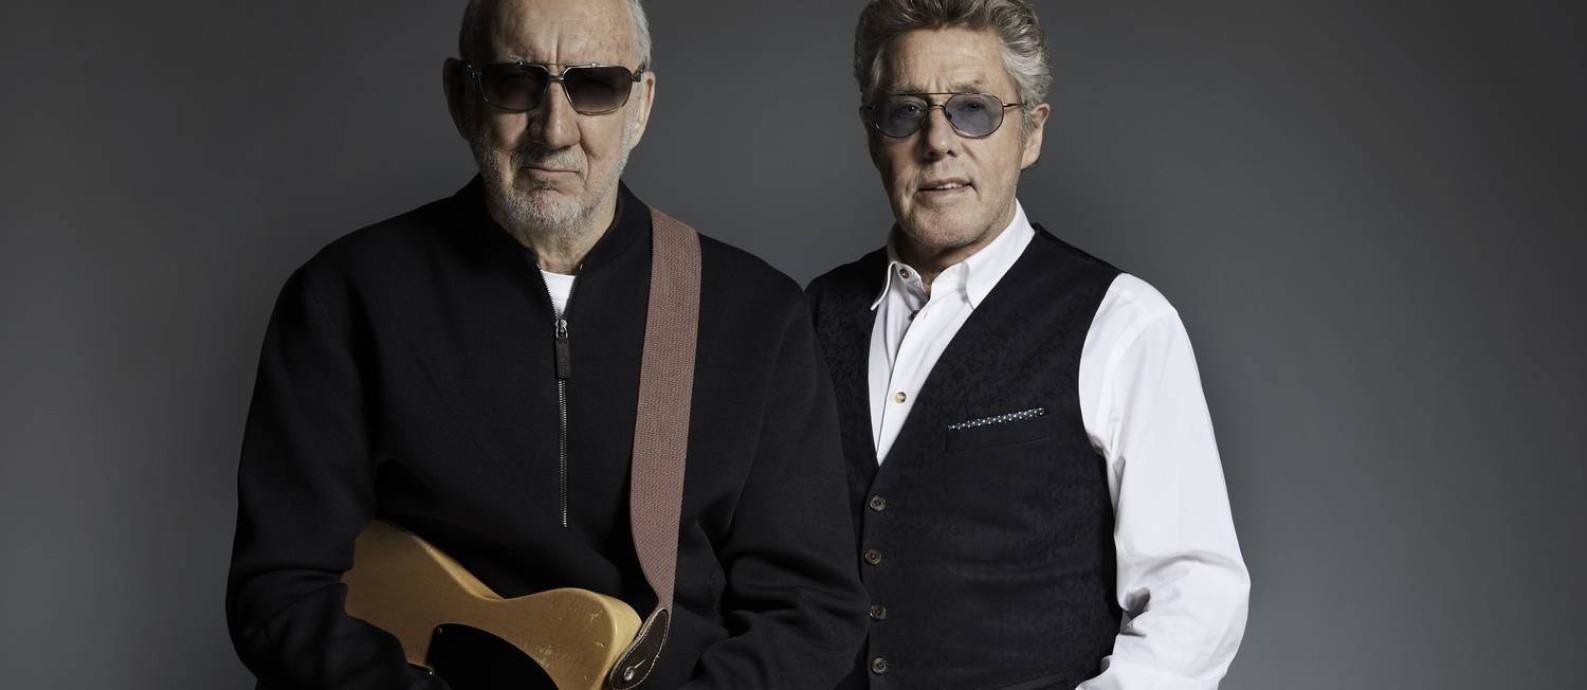 O guitarrista Pete Townshend e o vocalista Roger Daltrey, do grupo inglês Who Foto: Divulgação